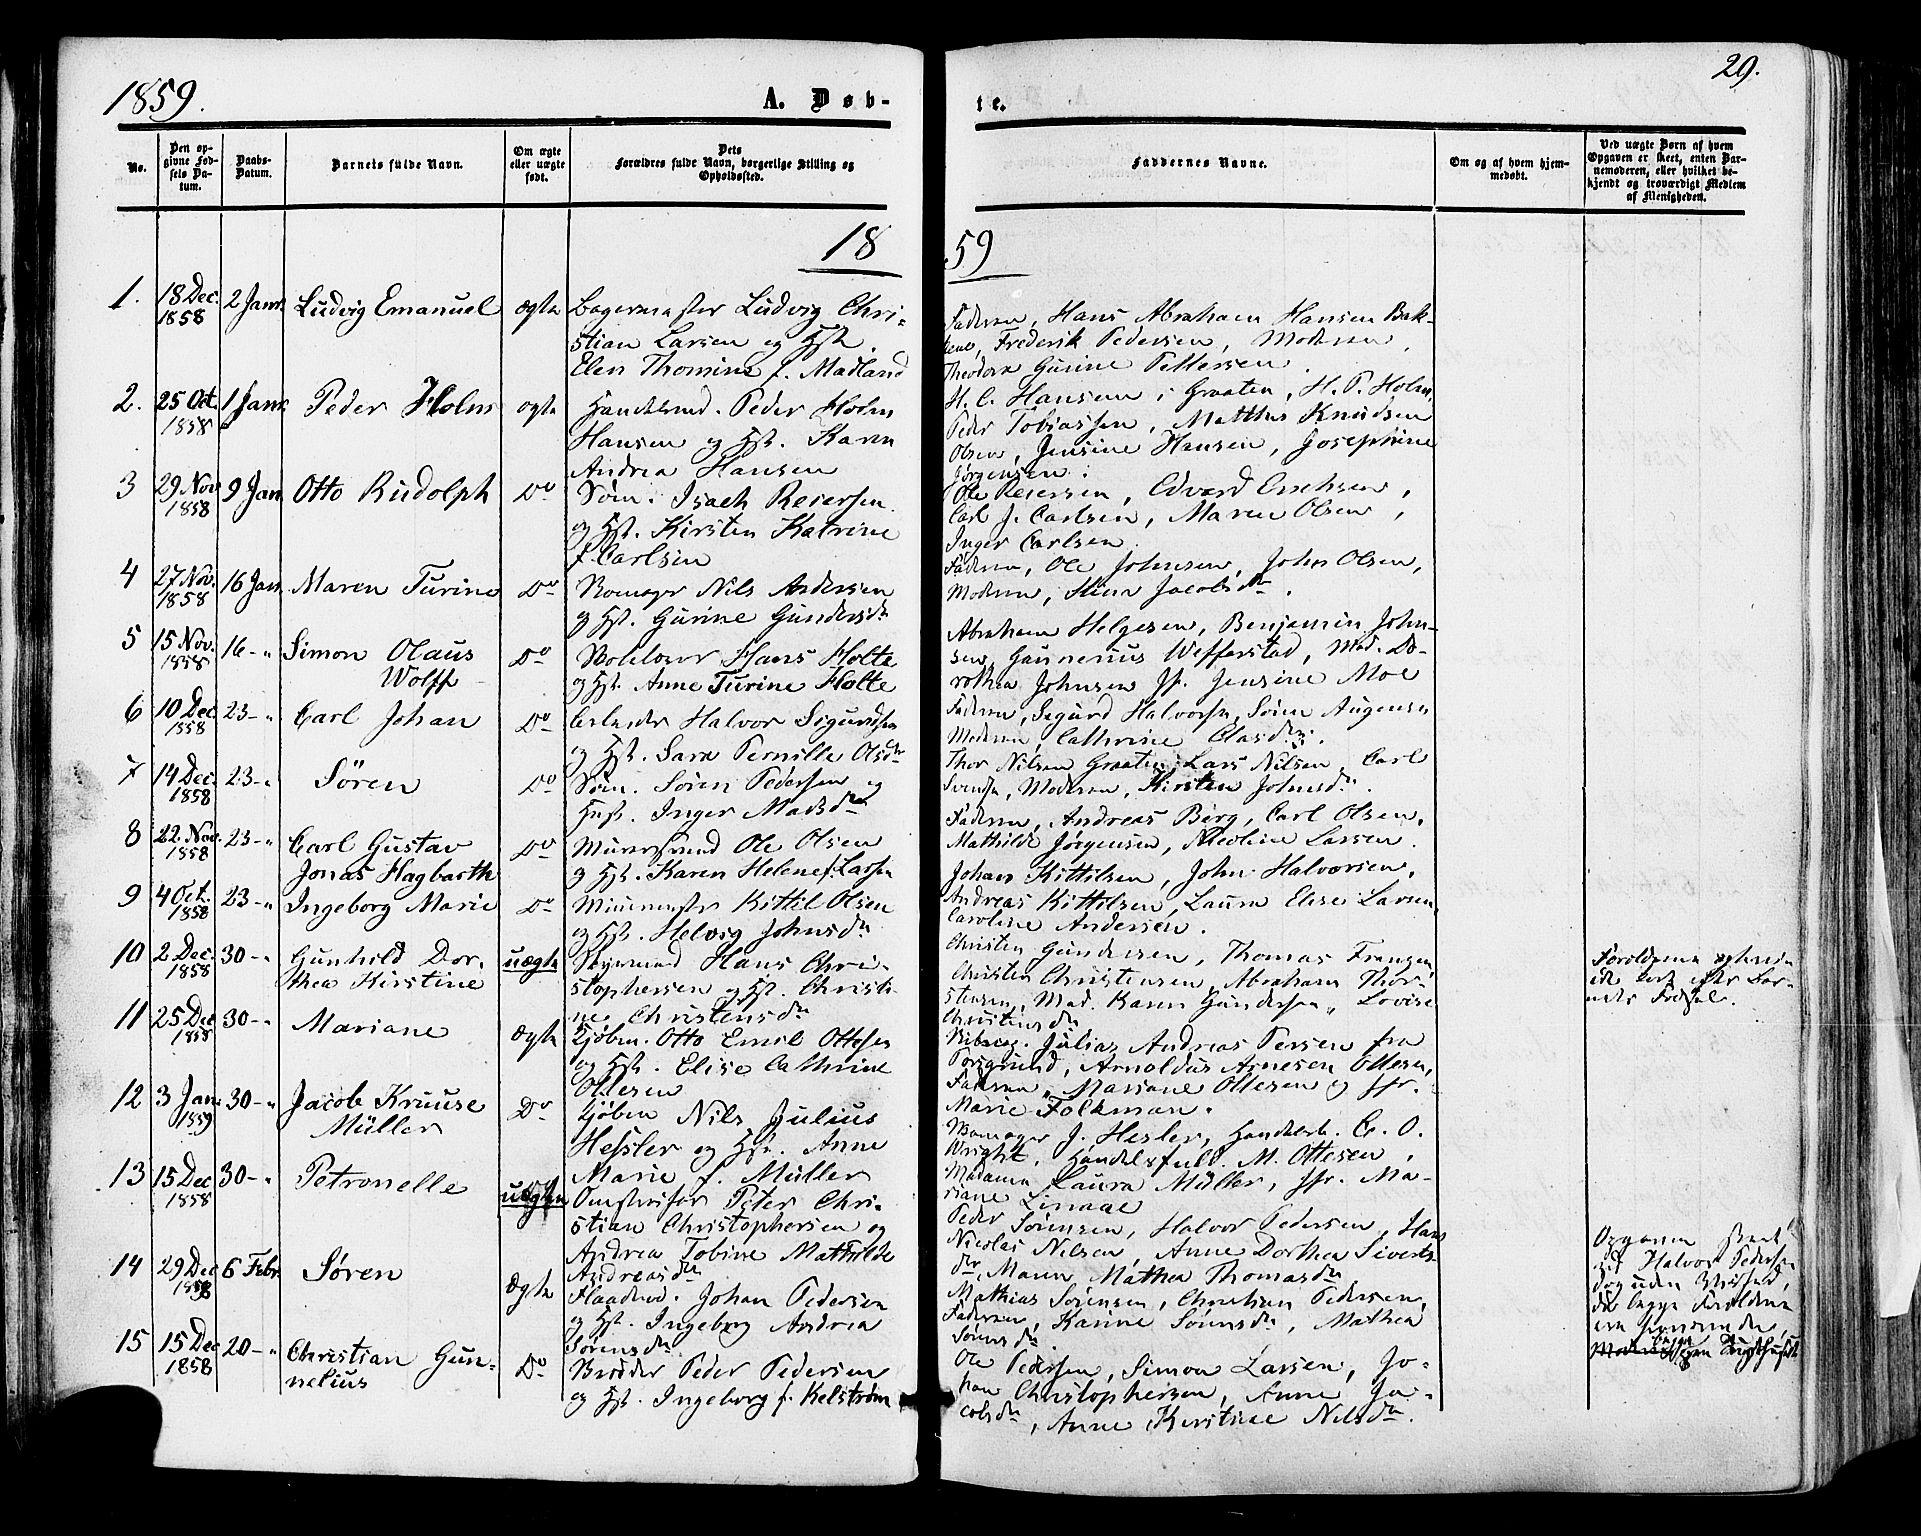 SAKO, Skien kirkebøker, F/Fa/L0007: Ministerialbok nr. 7, 1856-1865, s. 29